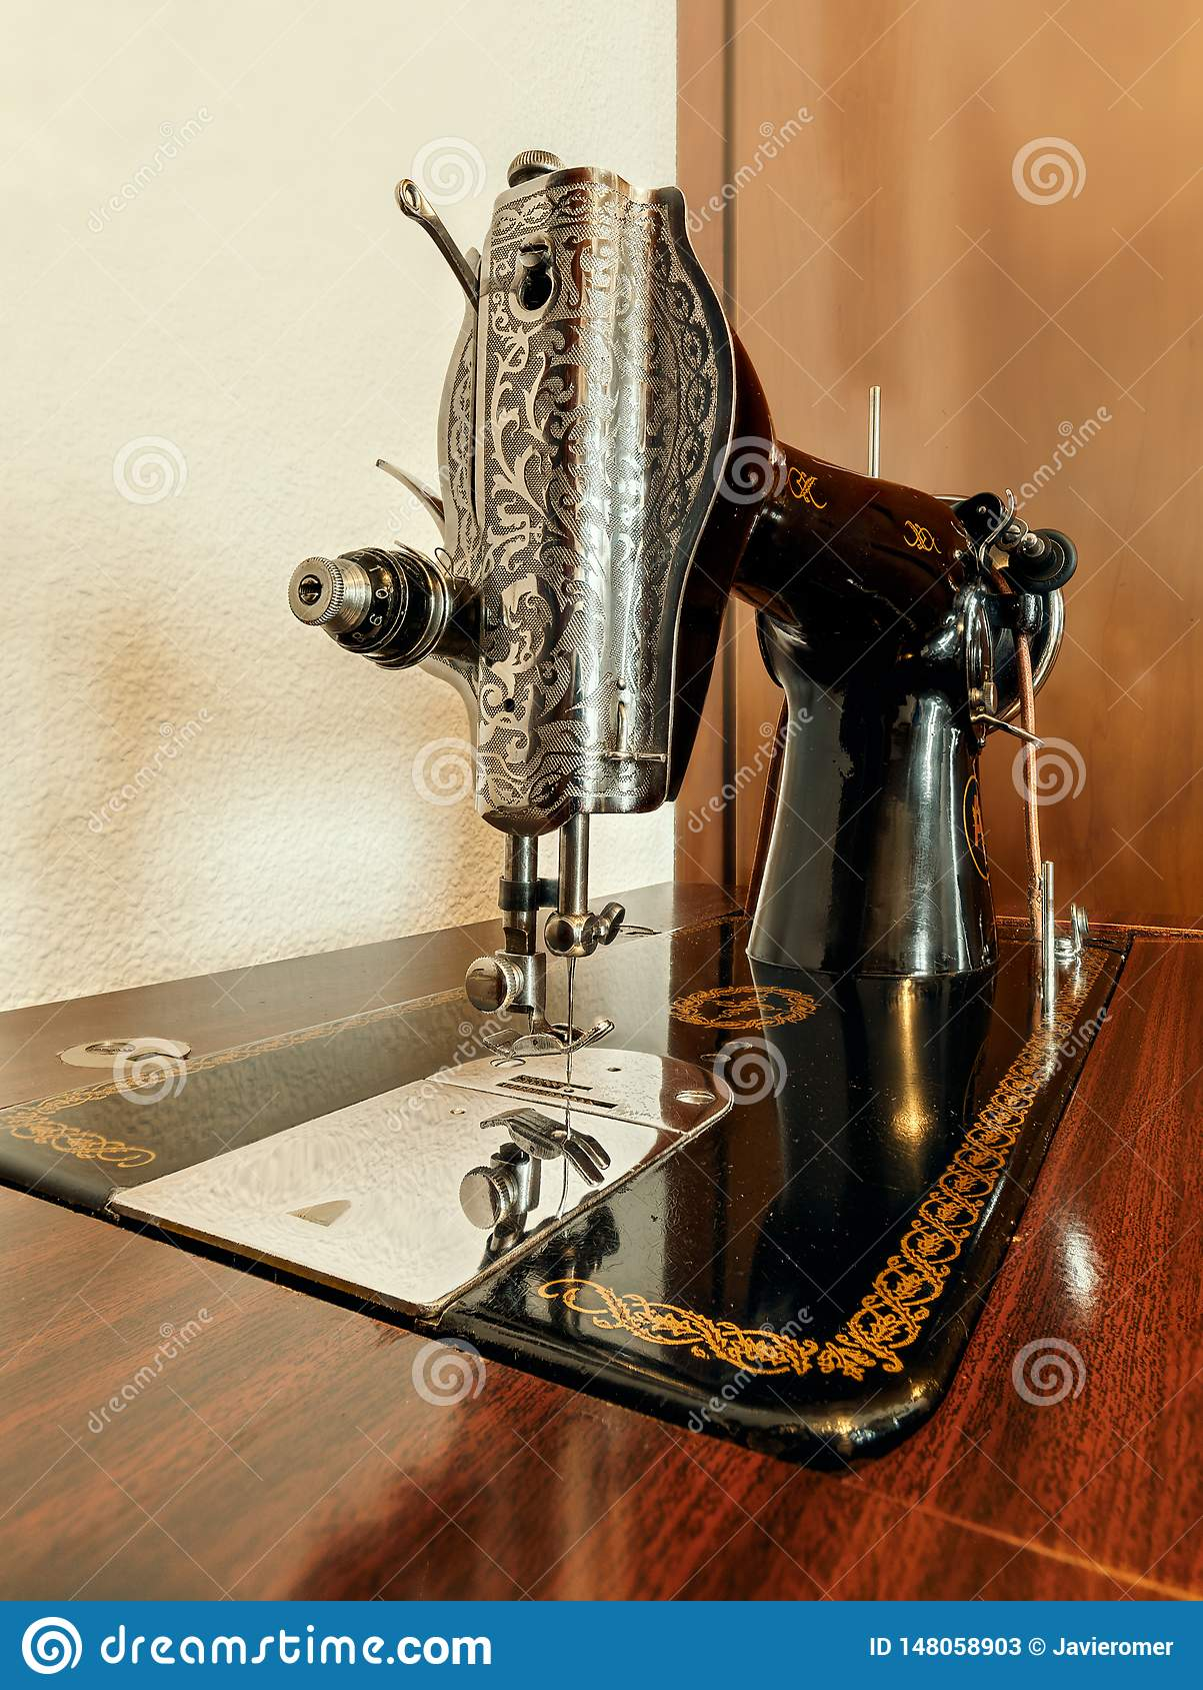 Stara maszyna na drewnianej powierzchni